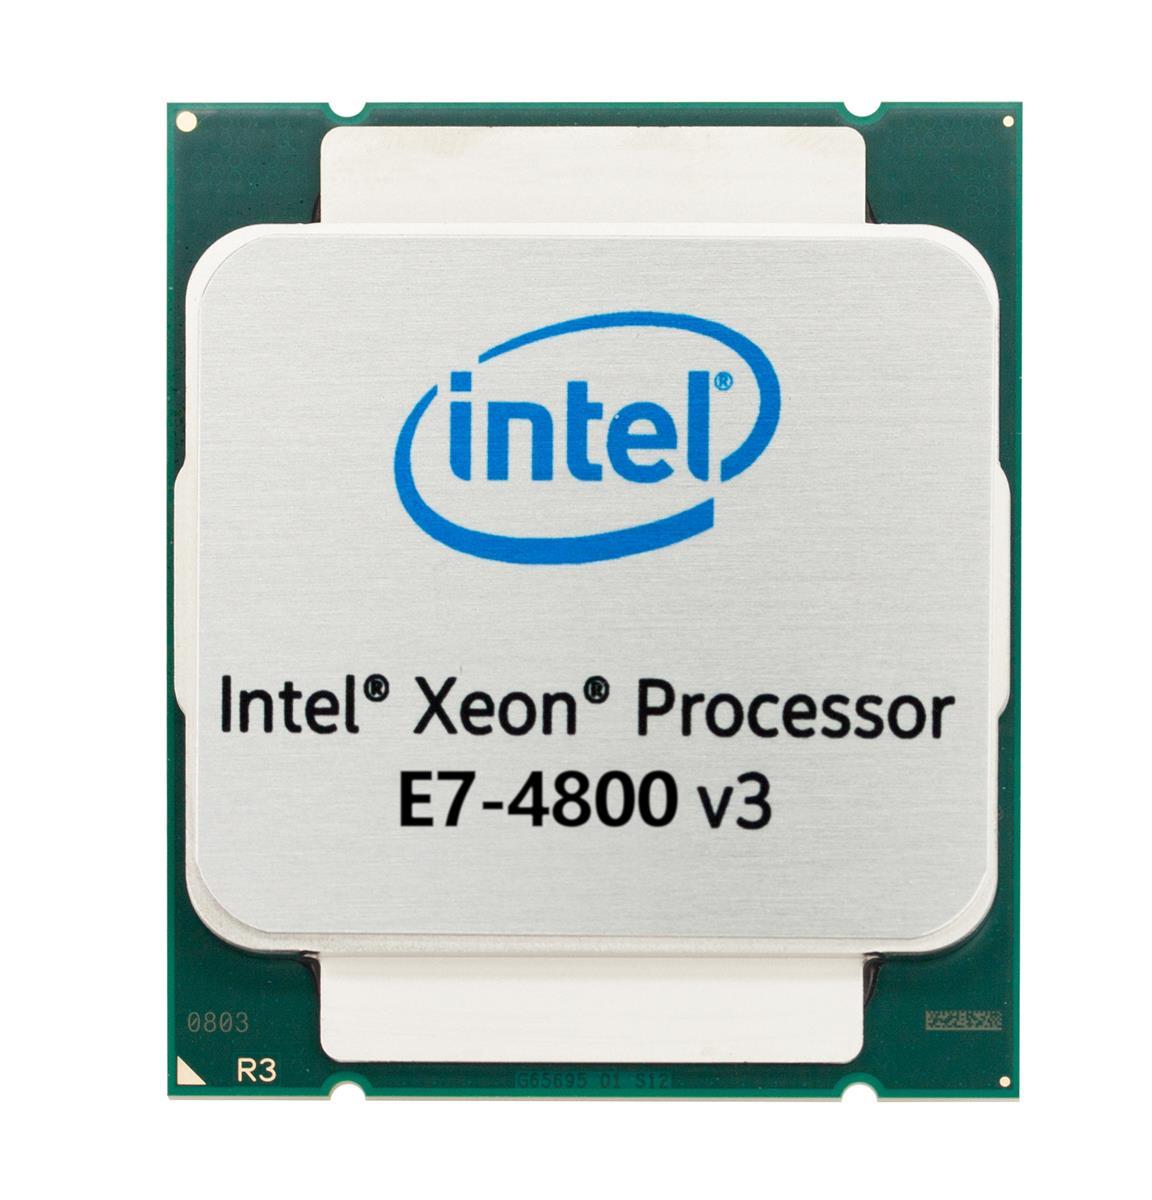 Intel Xeon E7-4850 v3 14 Core 2.20GHz 8.00GT/s QPI 35MB L3 Cache Socket 2011-1 Processor Mfr P/N E7-4850v3